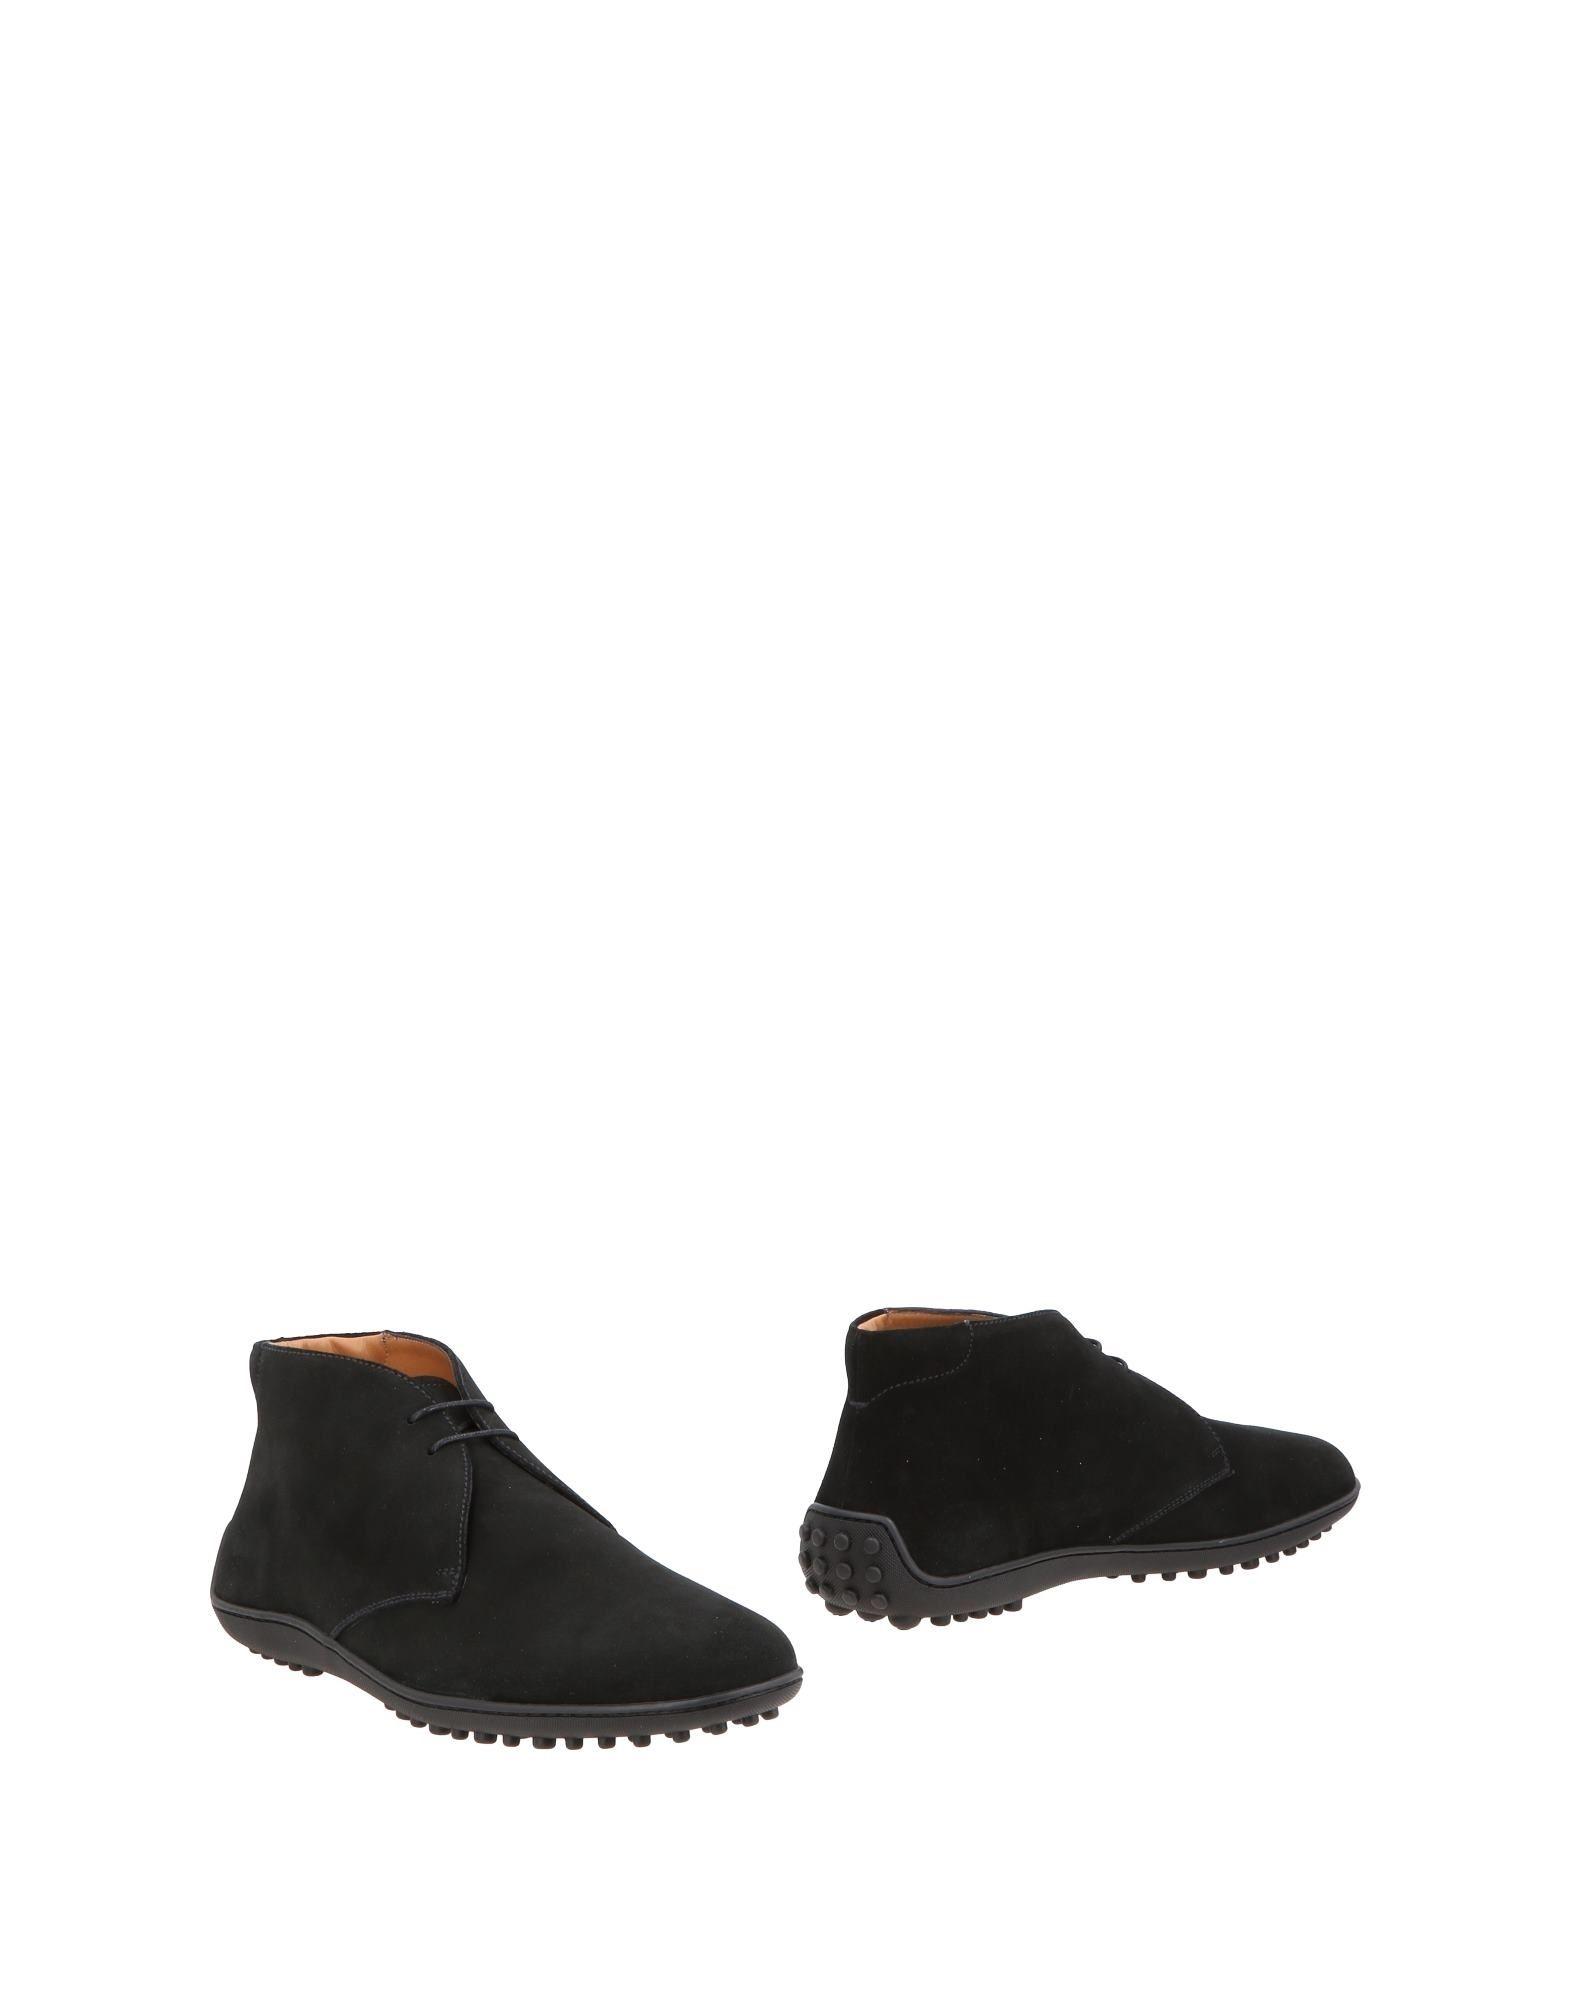 Carshoe Stiefelette Herren  11492802QE Gute Qualität beliebte Schuhe